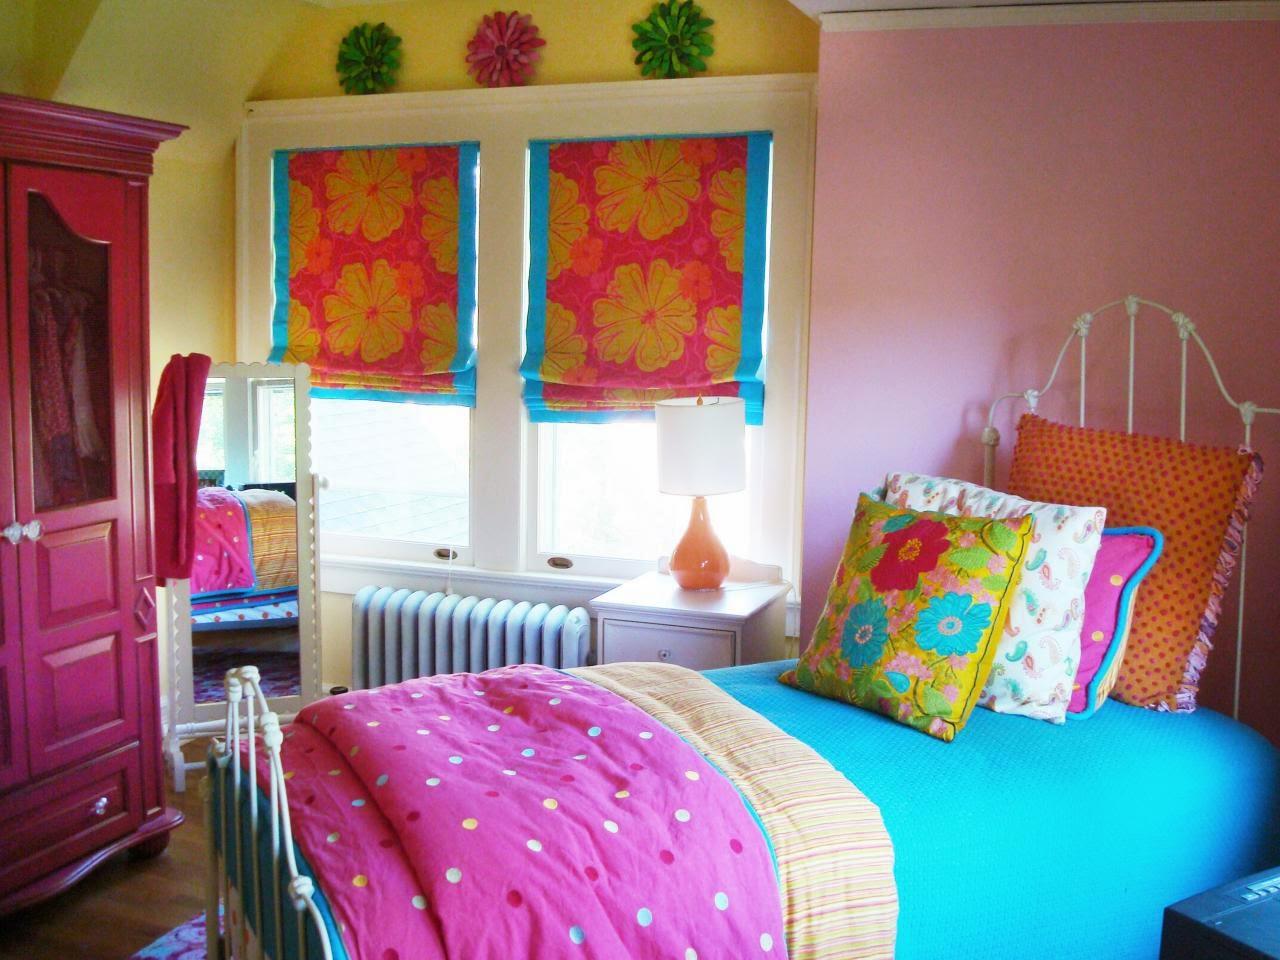 Gambar Kamar Tidur Remaja Perempuan Desain Kamar Modern